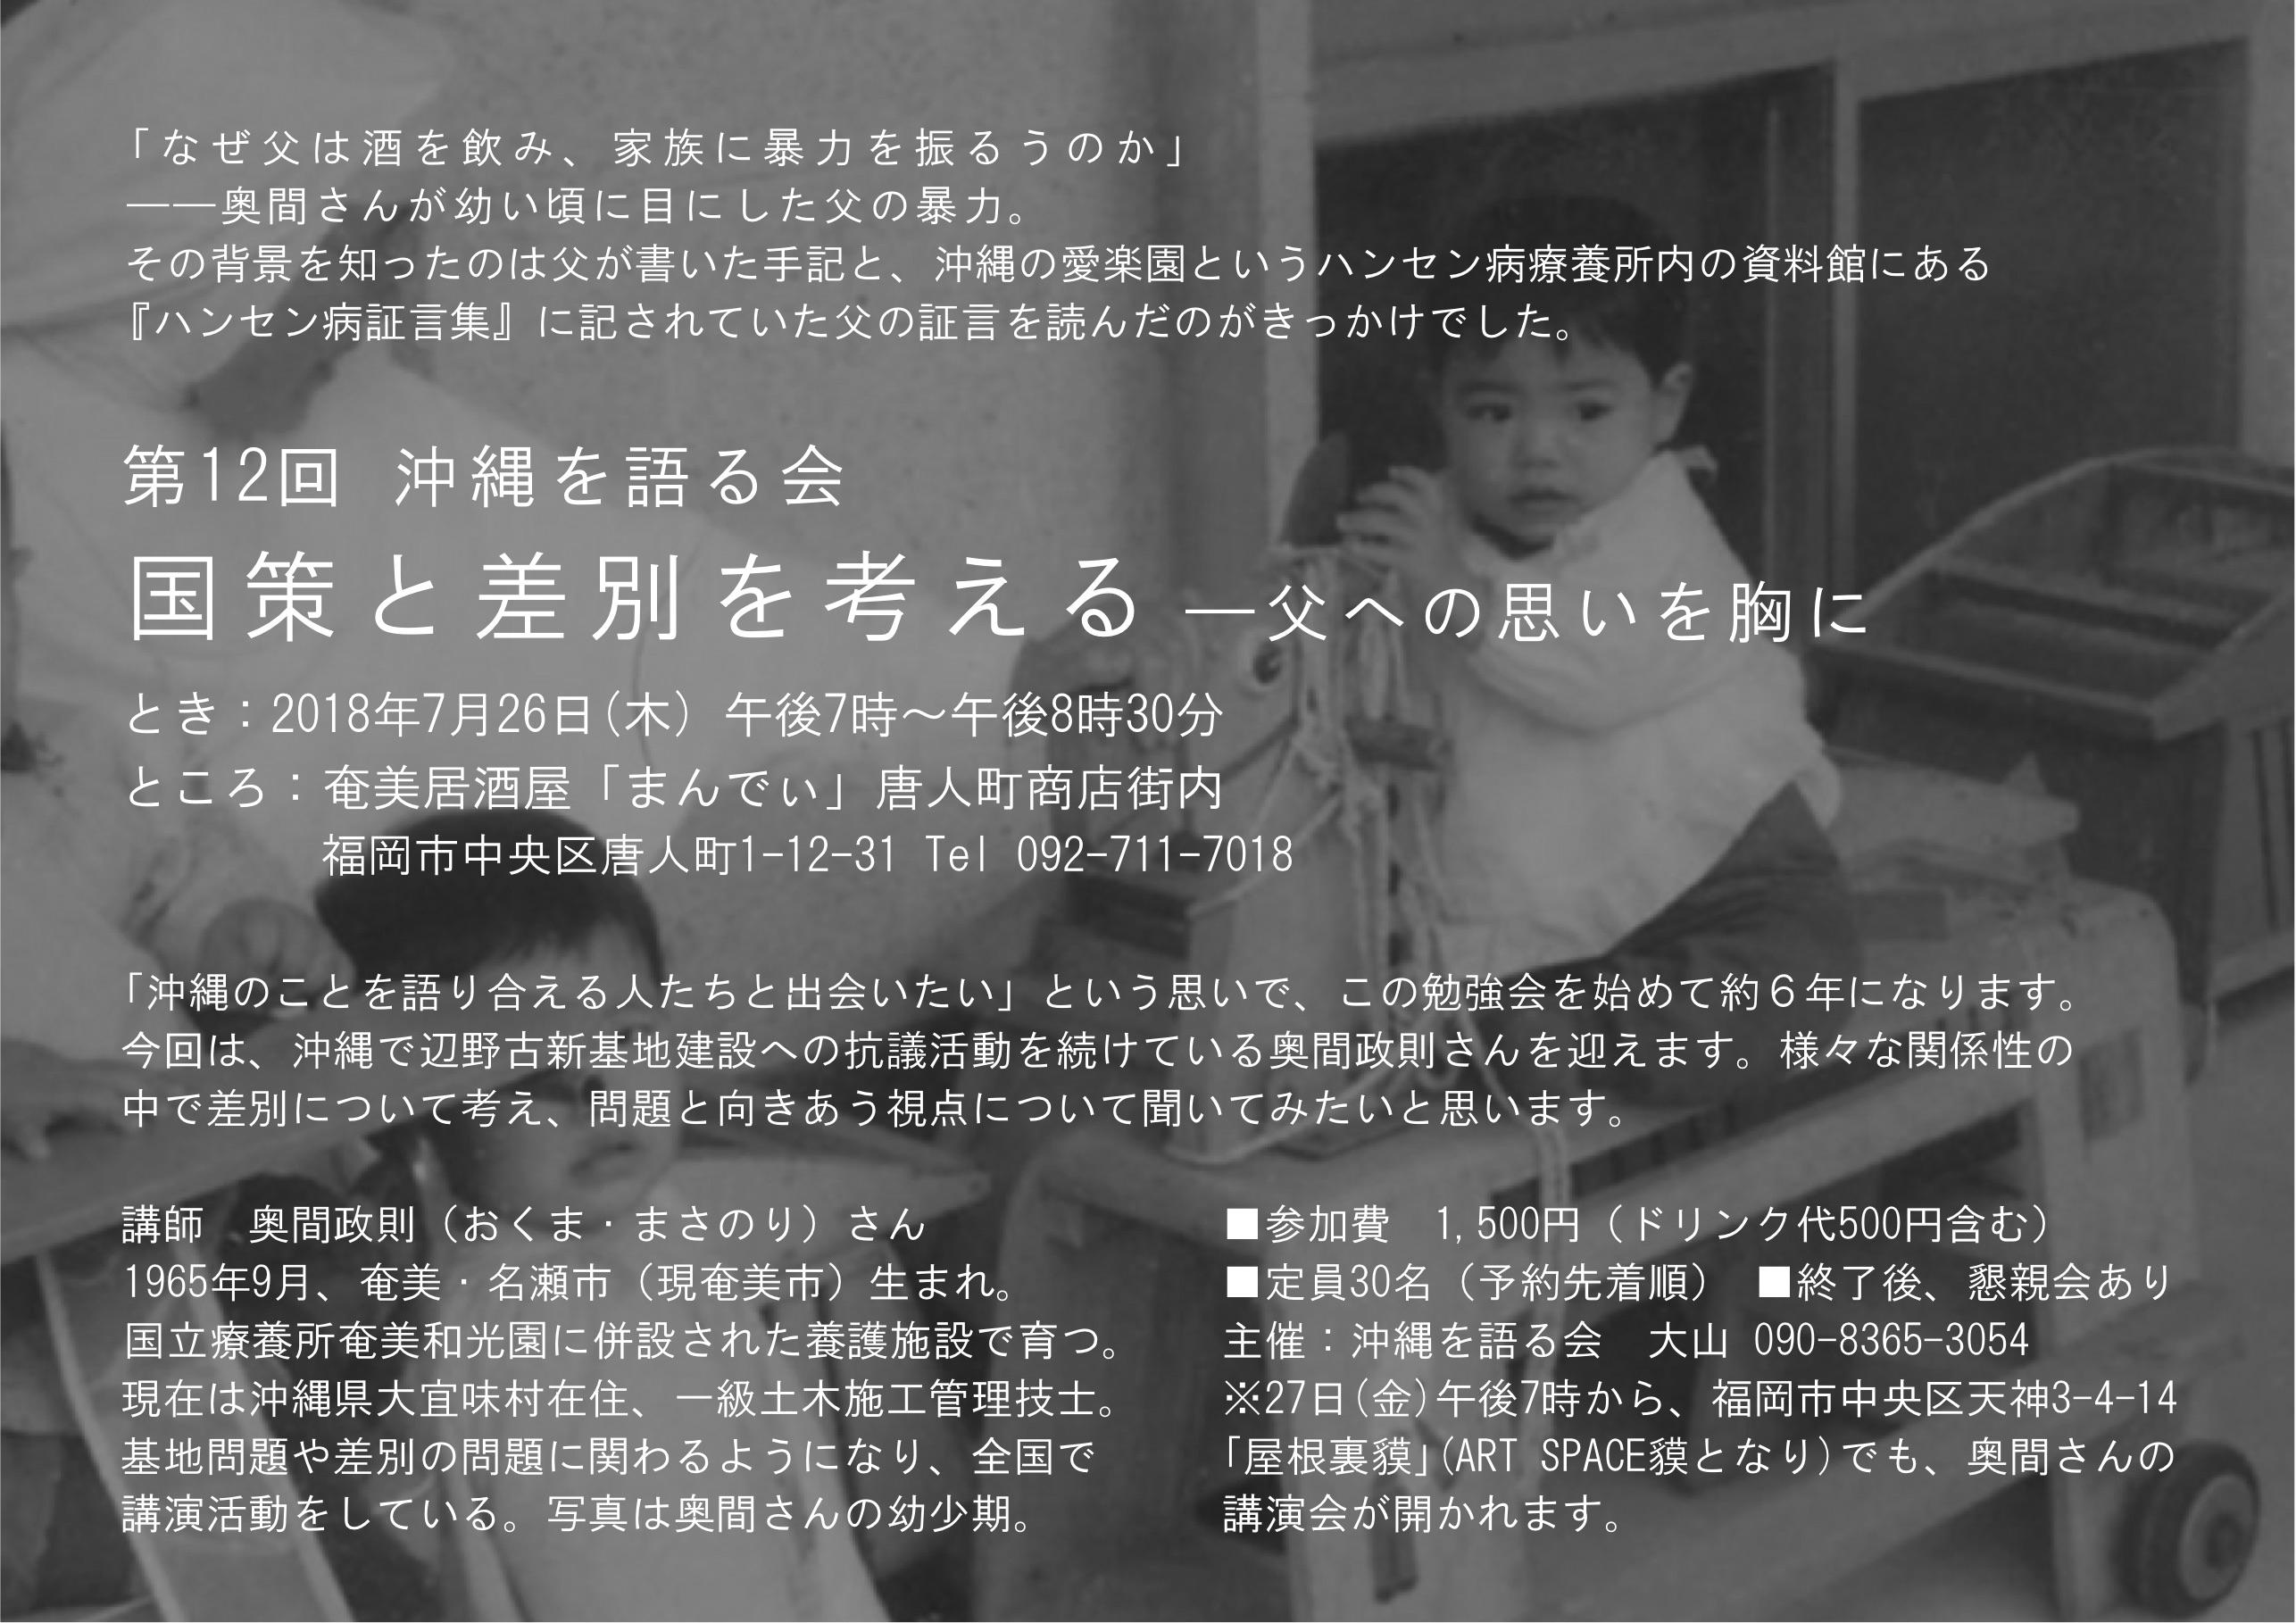 沖縄を語る会」が開催されます |...